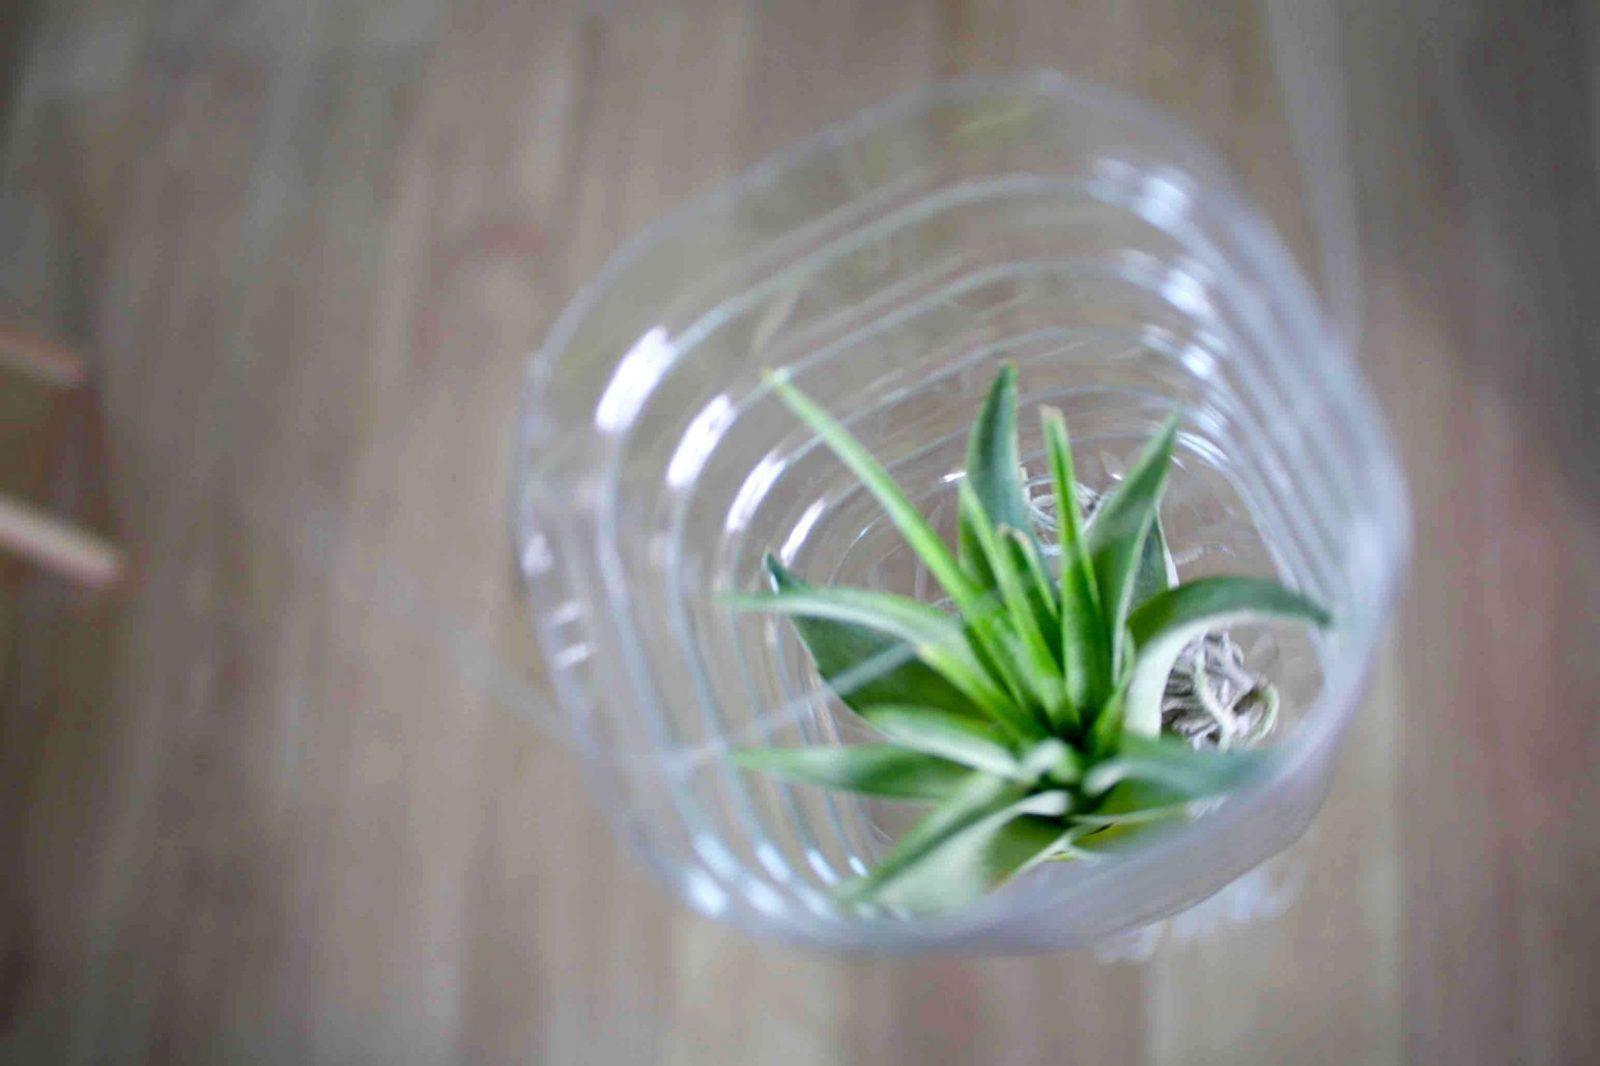 Basteln Mit Tontöpfen Für Den Garten Einzigartig Upcycling Ideen Zum von Upcycling Ideen Zum Selbermachen Bild